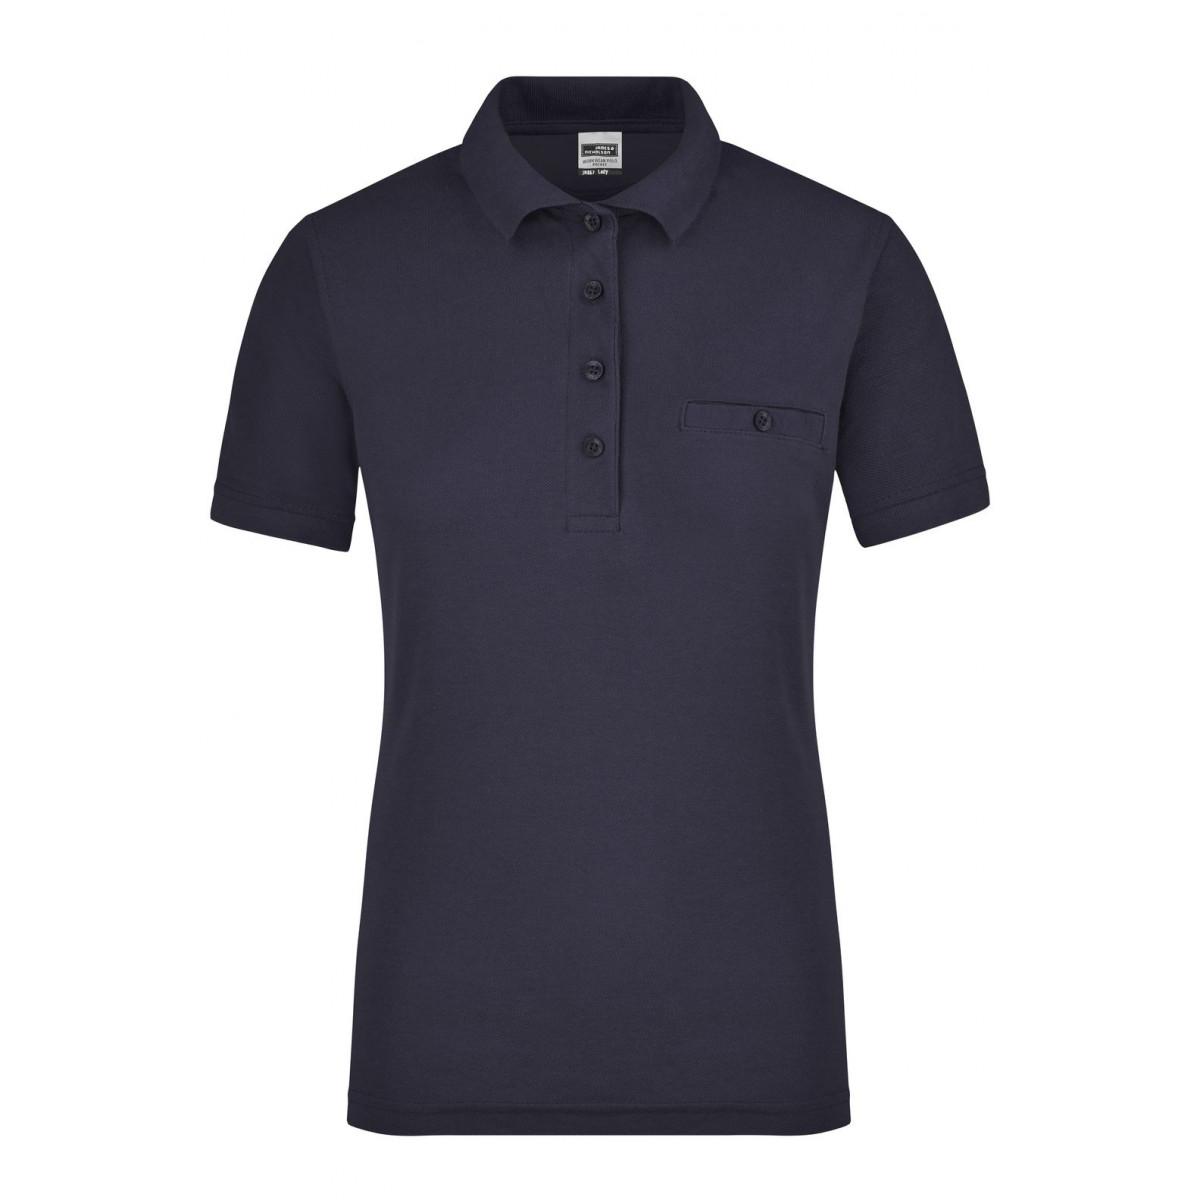 Рубашка поло женская JN867 Ladies Workwear Polo Pocket - Темно-синий